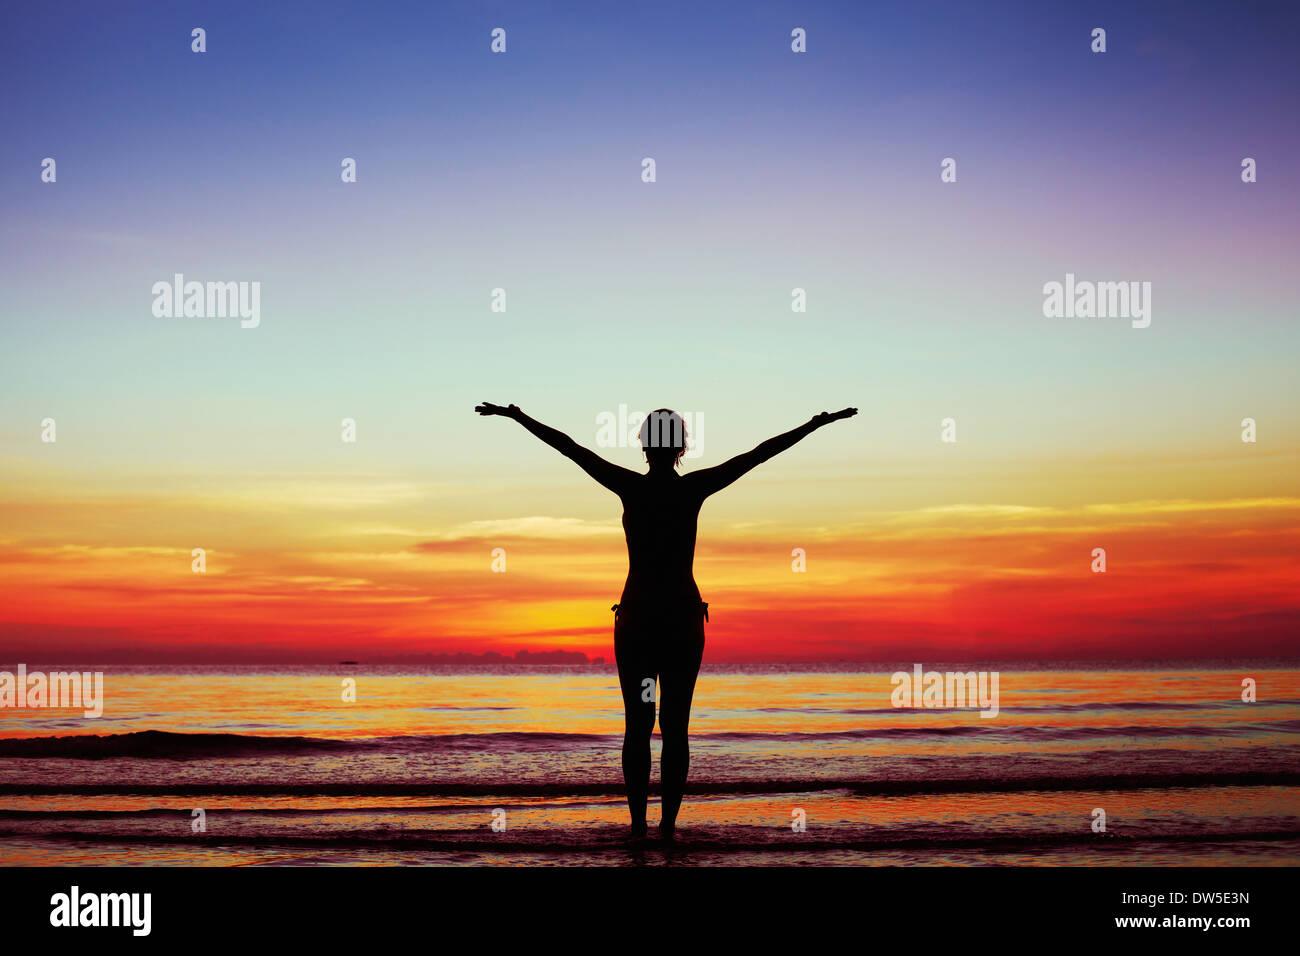 Harmonie von Körper und Seele Stockbild